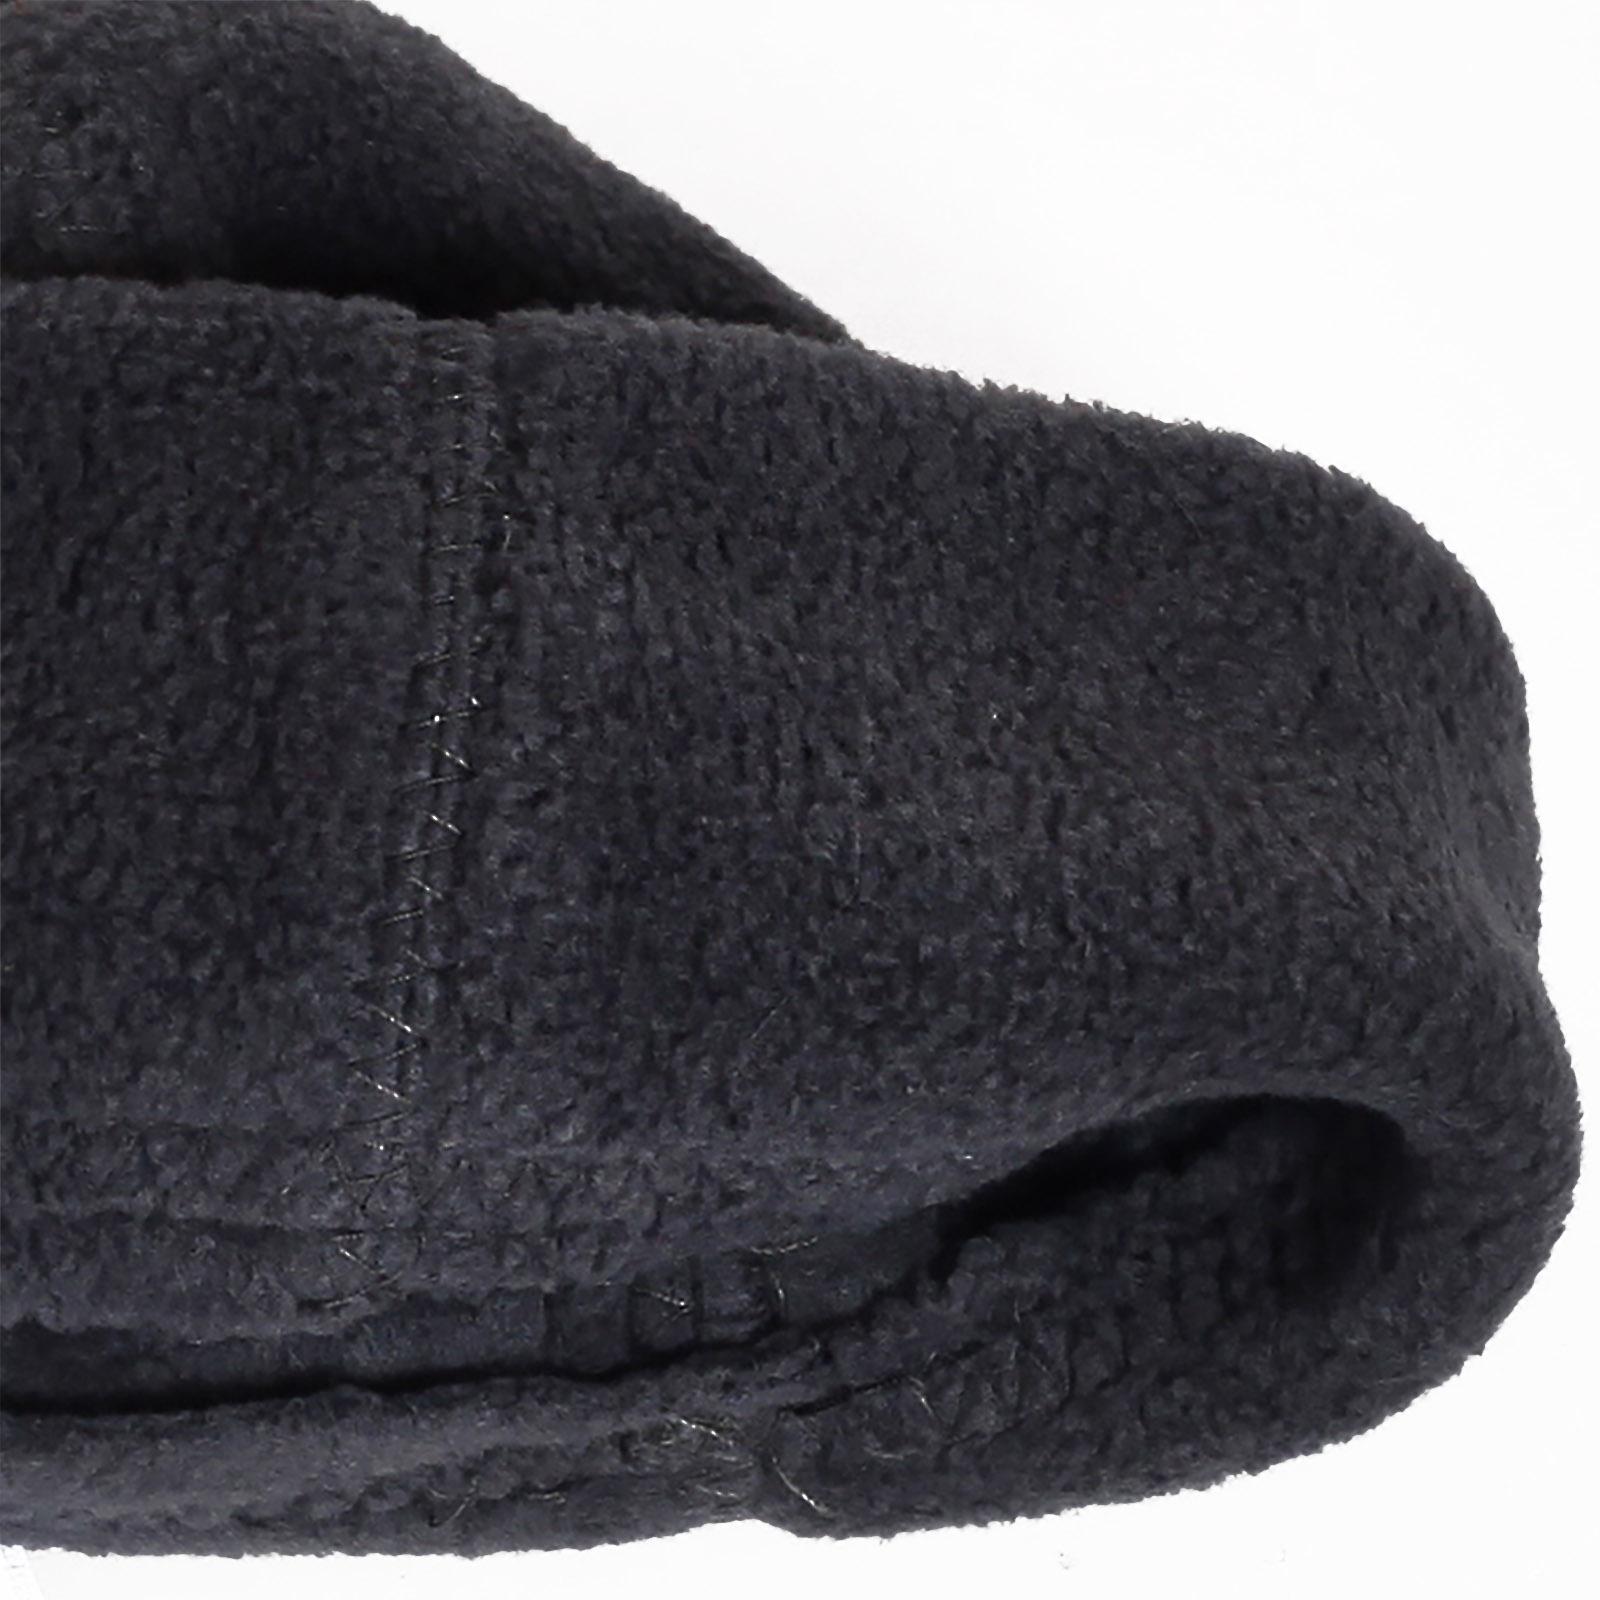 Купить теплую флисовую мужскую шапку с флисовой подкладкой по лояльной цене